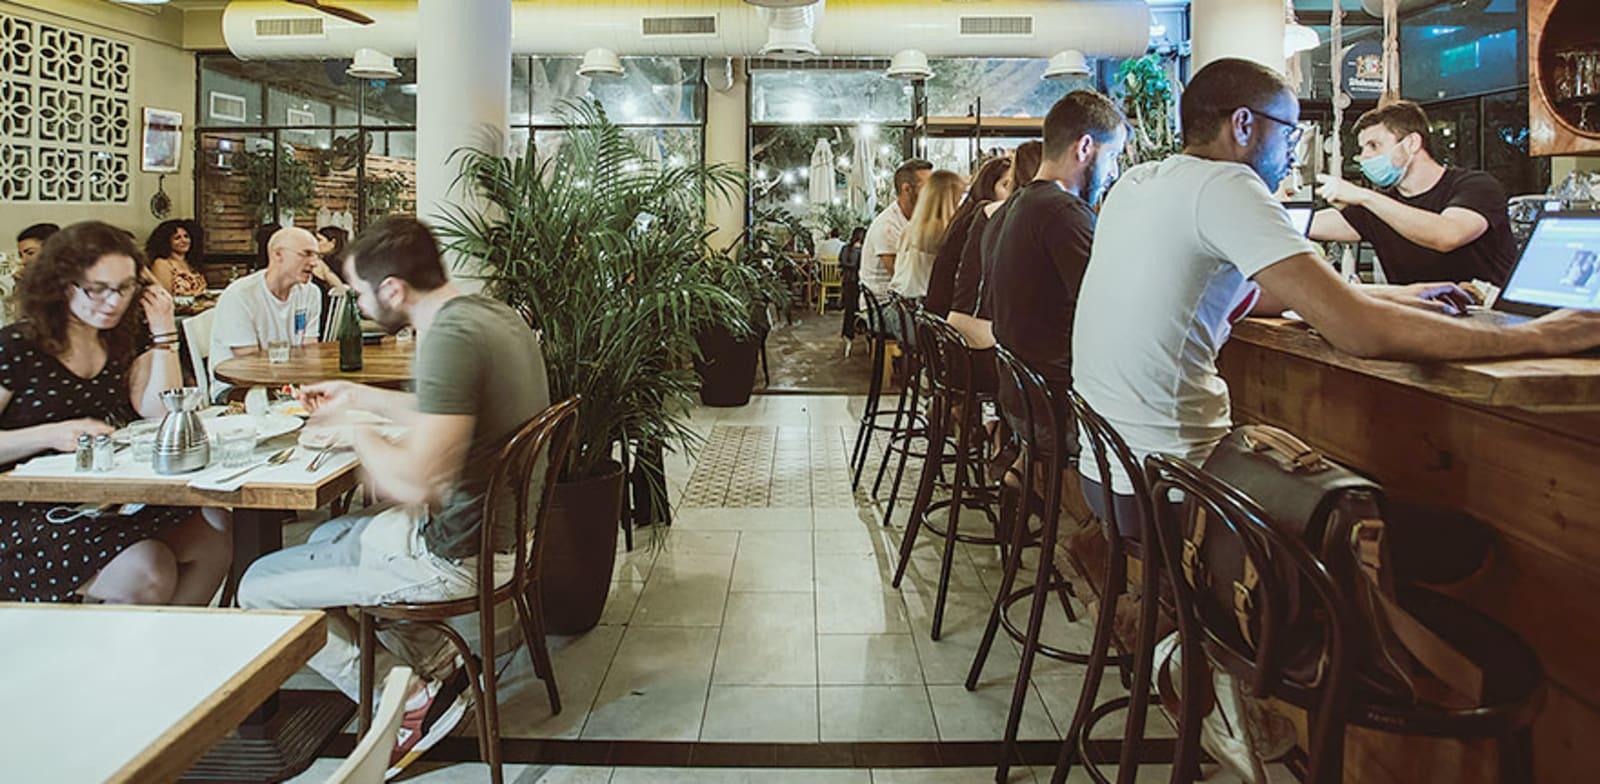 קפה ציונה בנס ציונה / צילום: גיל ורון